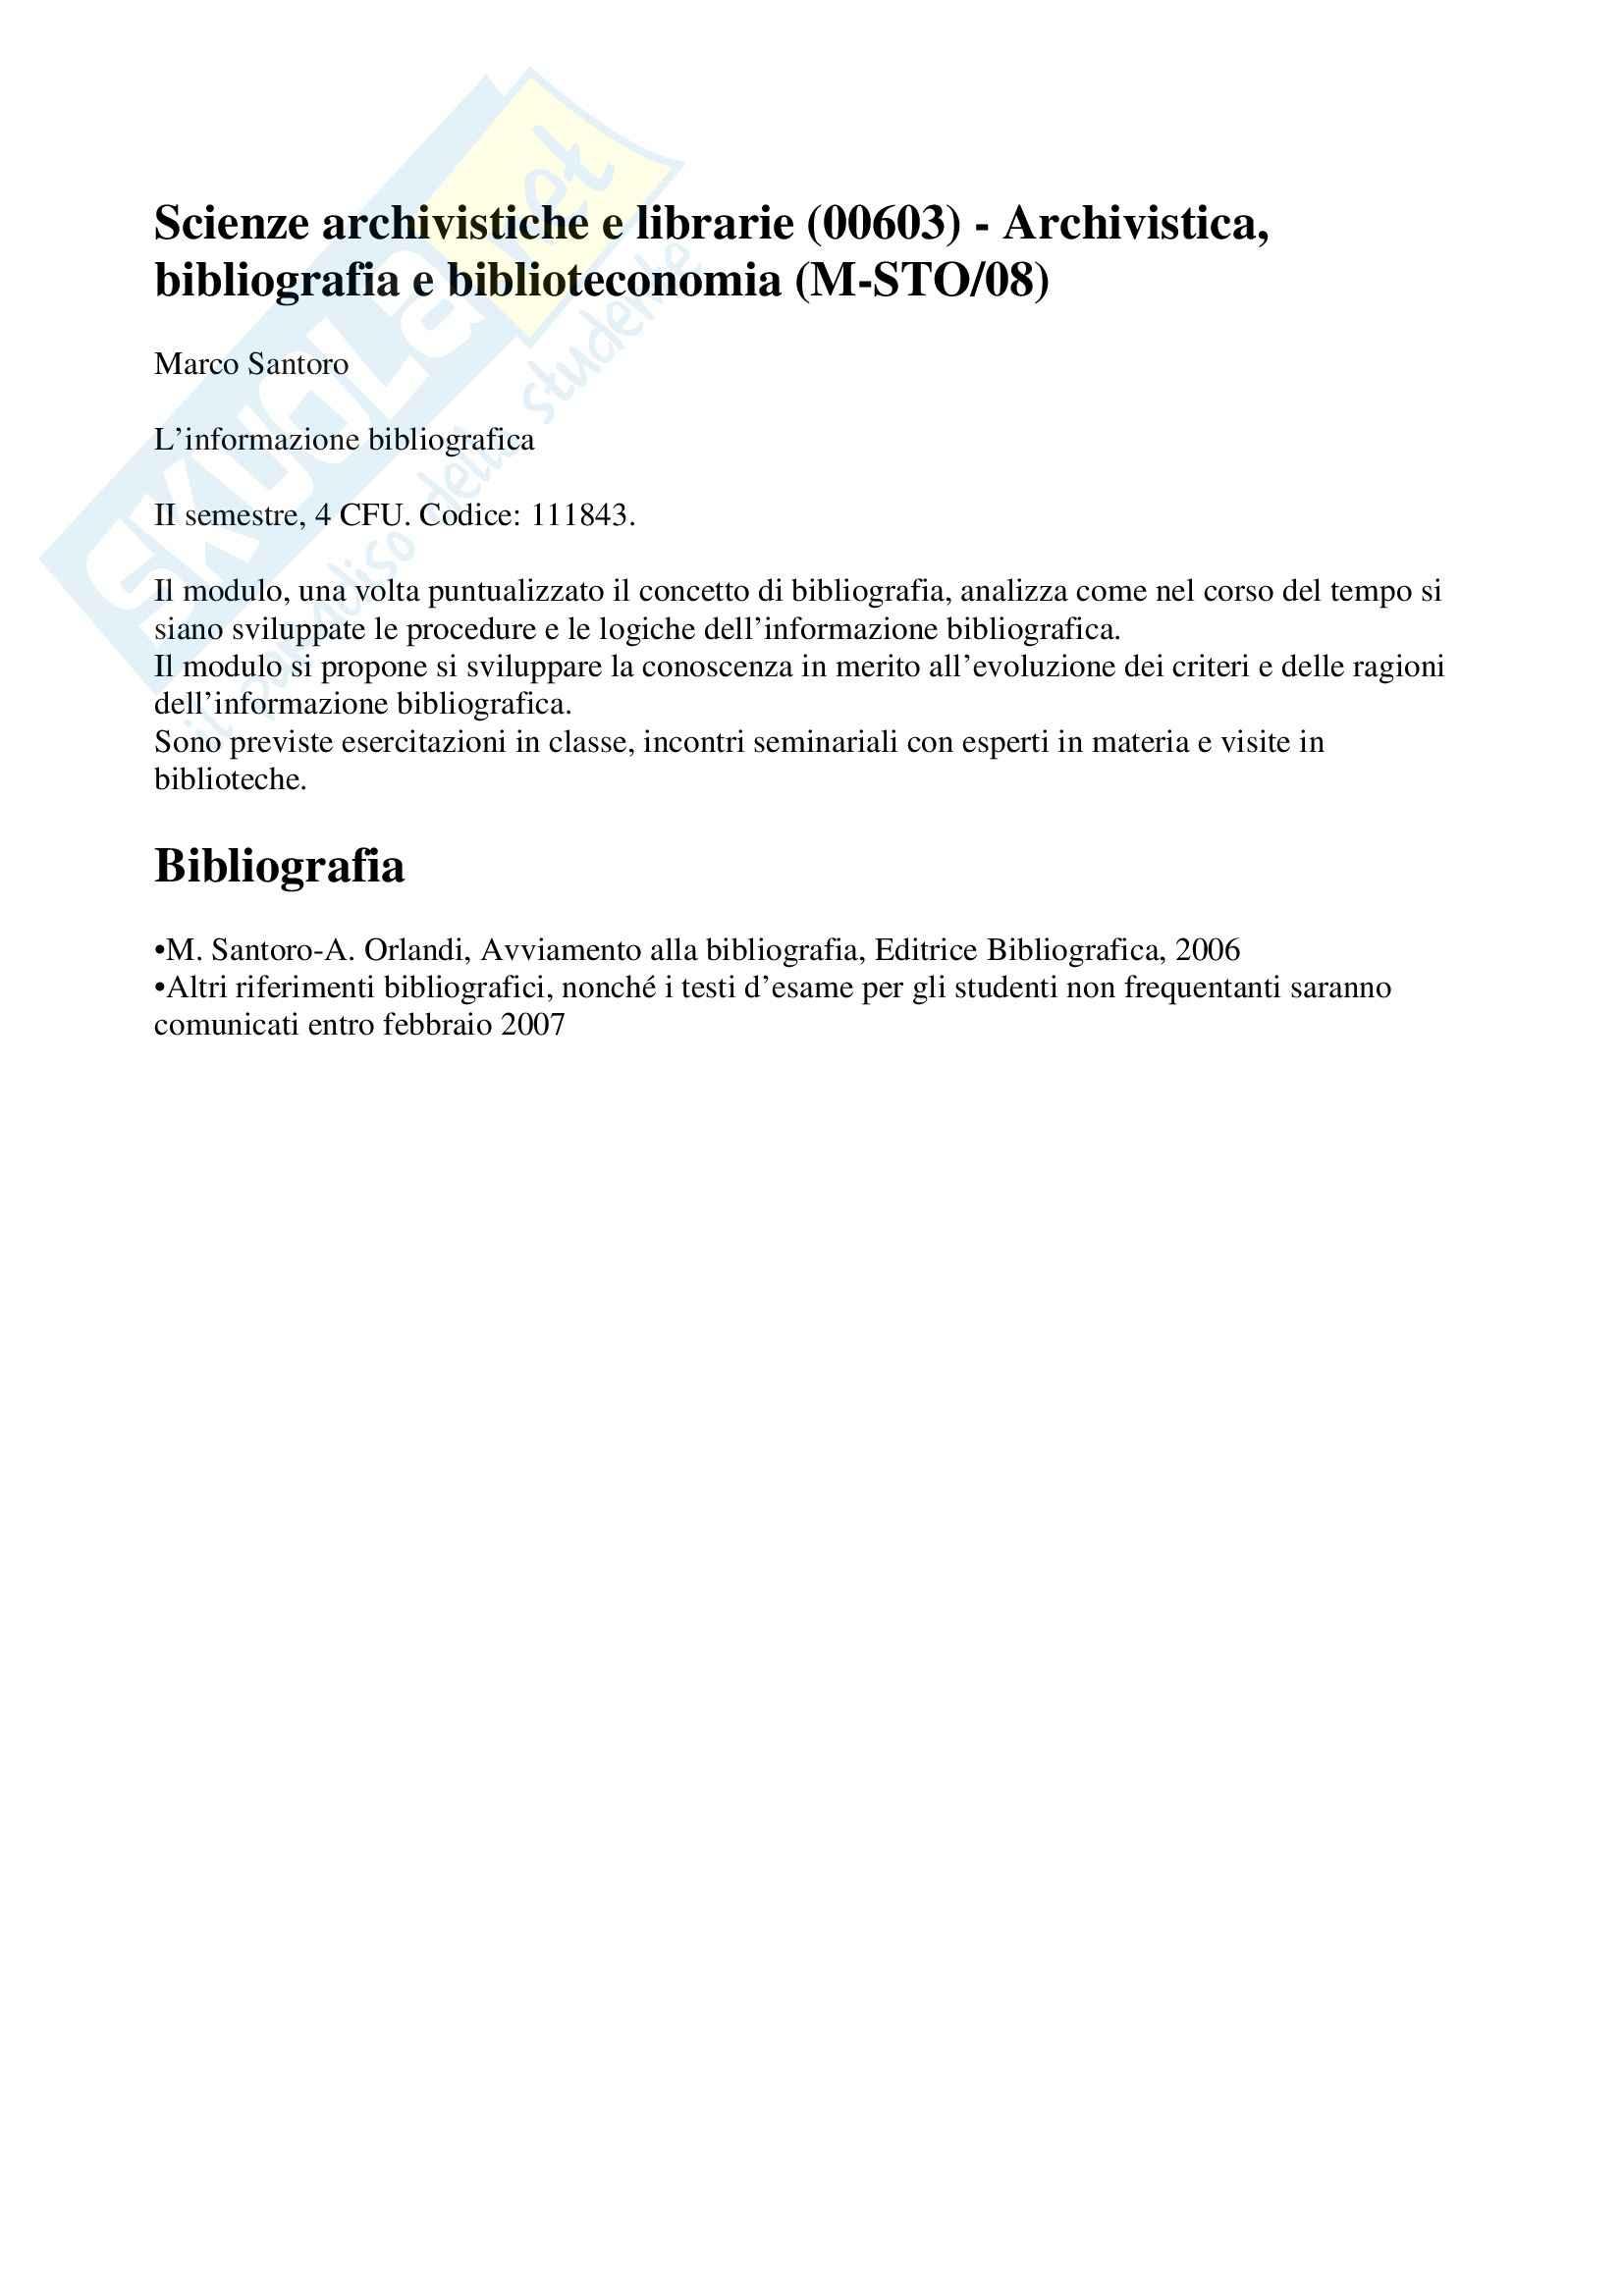 Informazione bibliografica